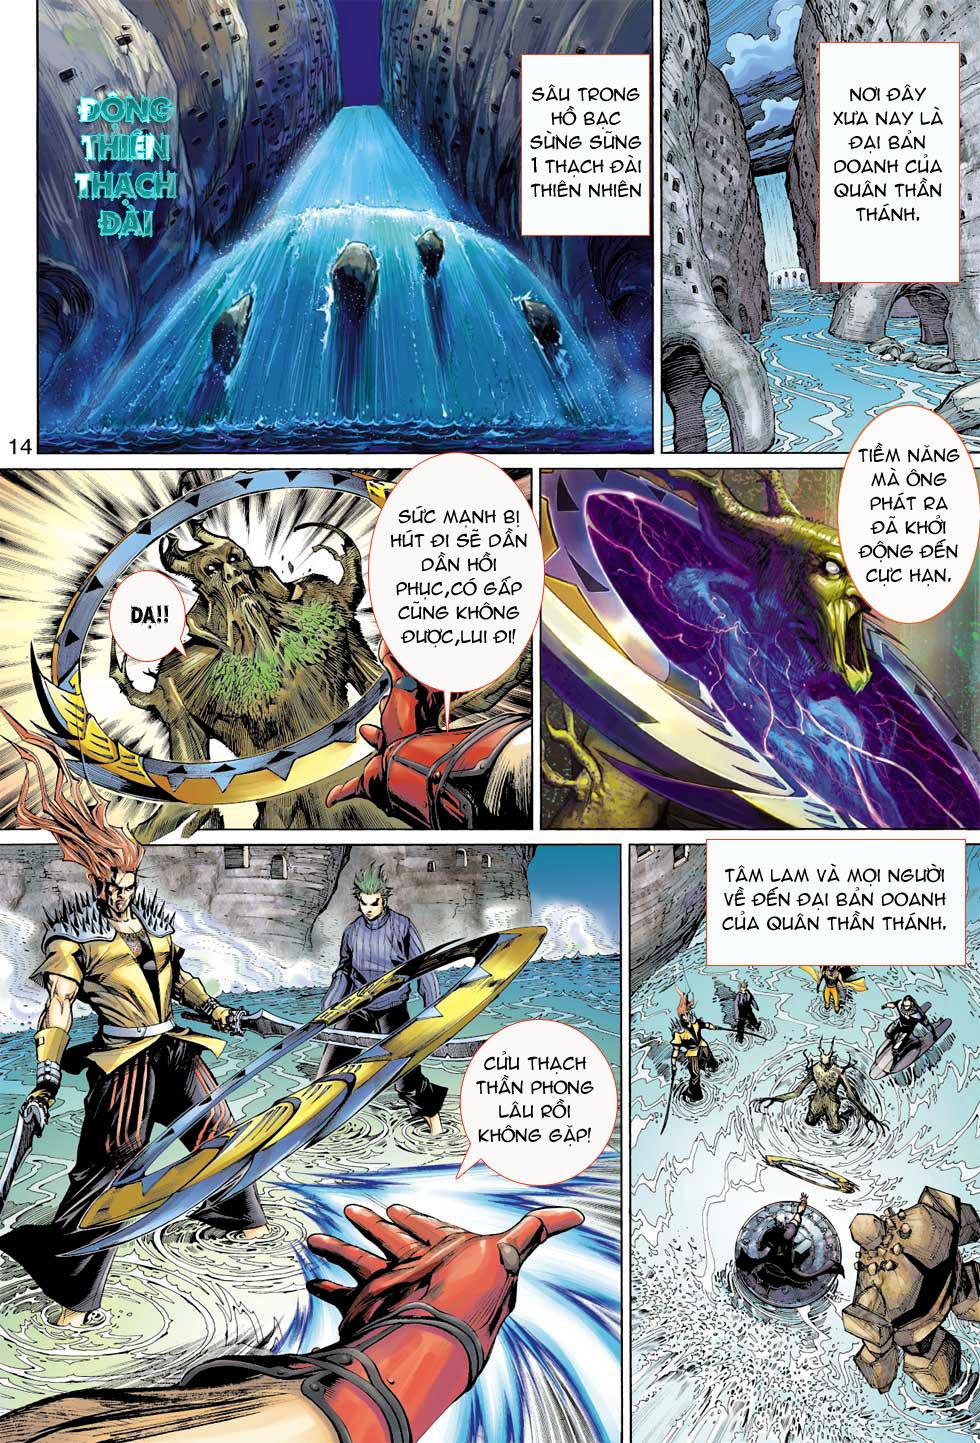 Thần Binh 4 chap 8 - Trang 14